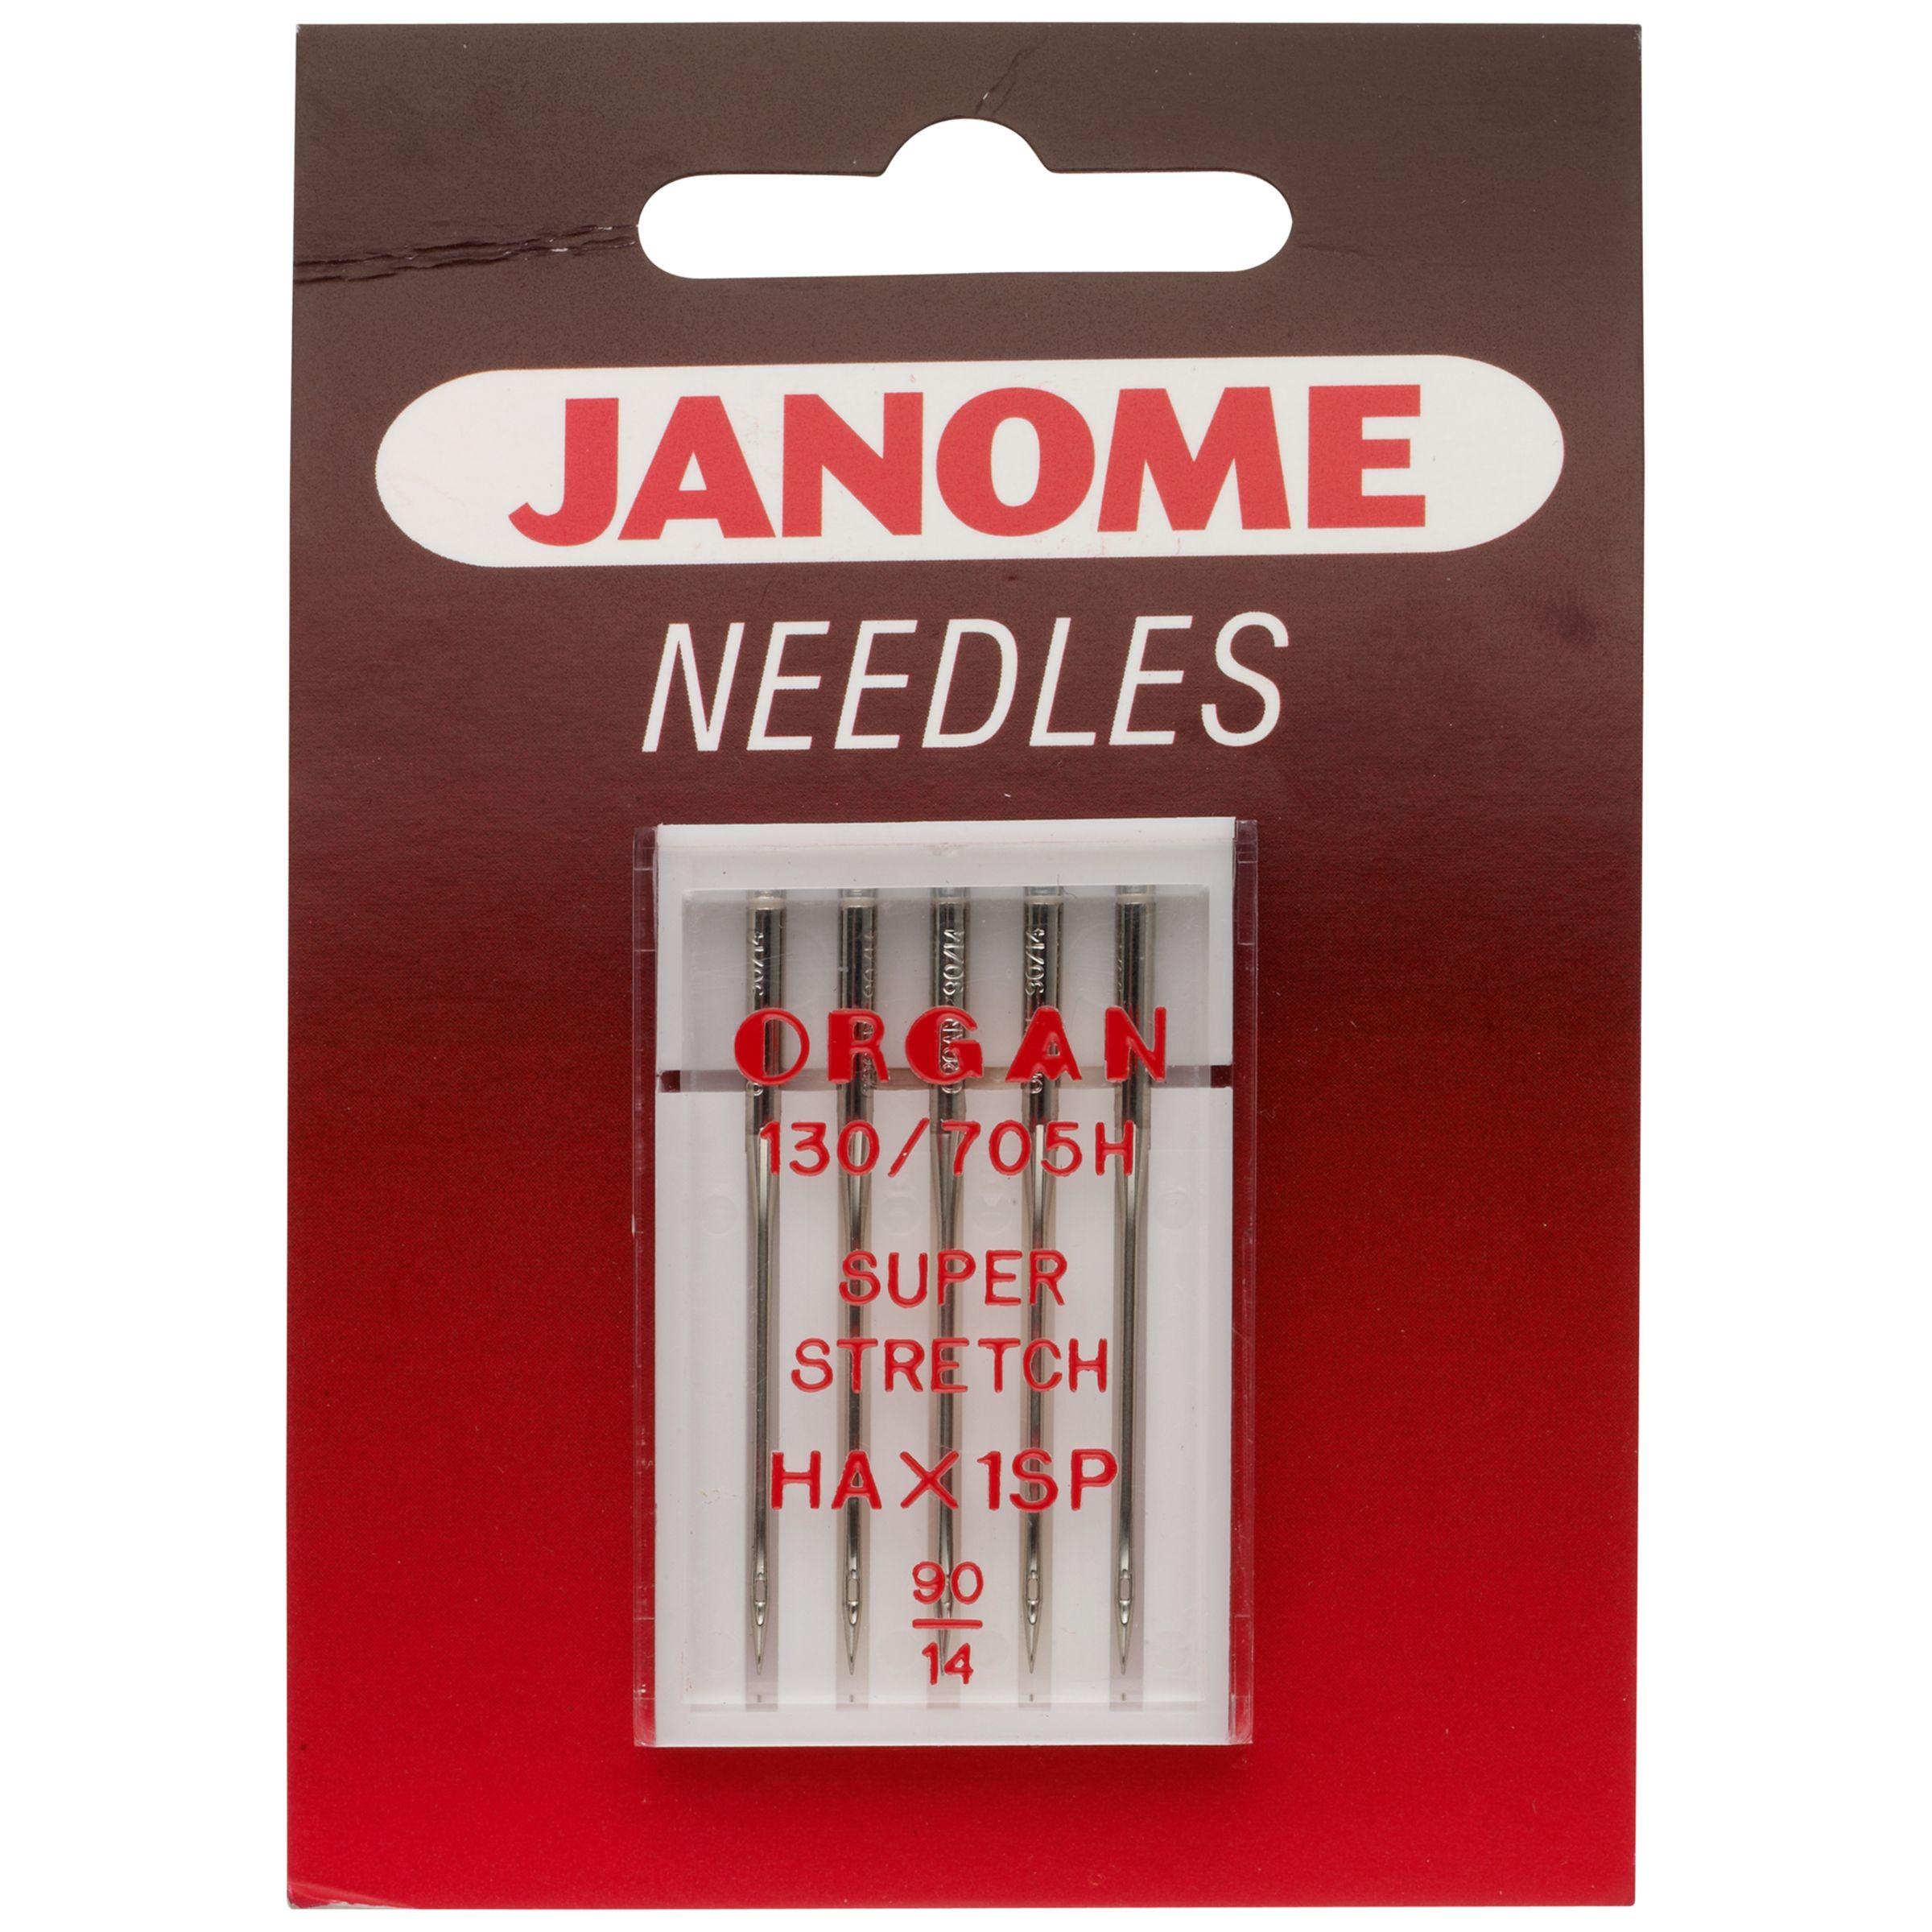 Janome Janome Ball Point Sewing Machine Needles